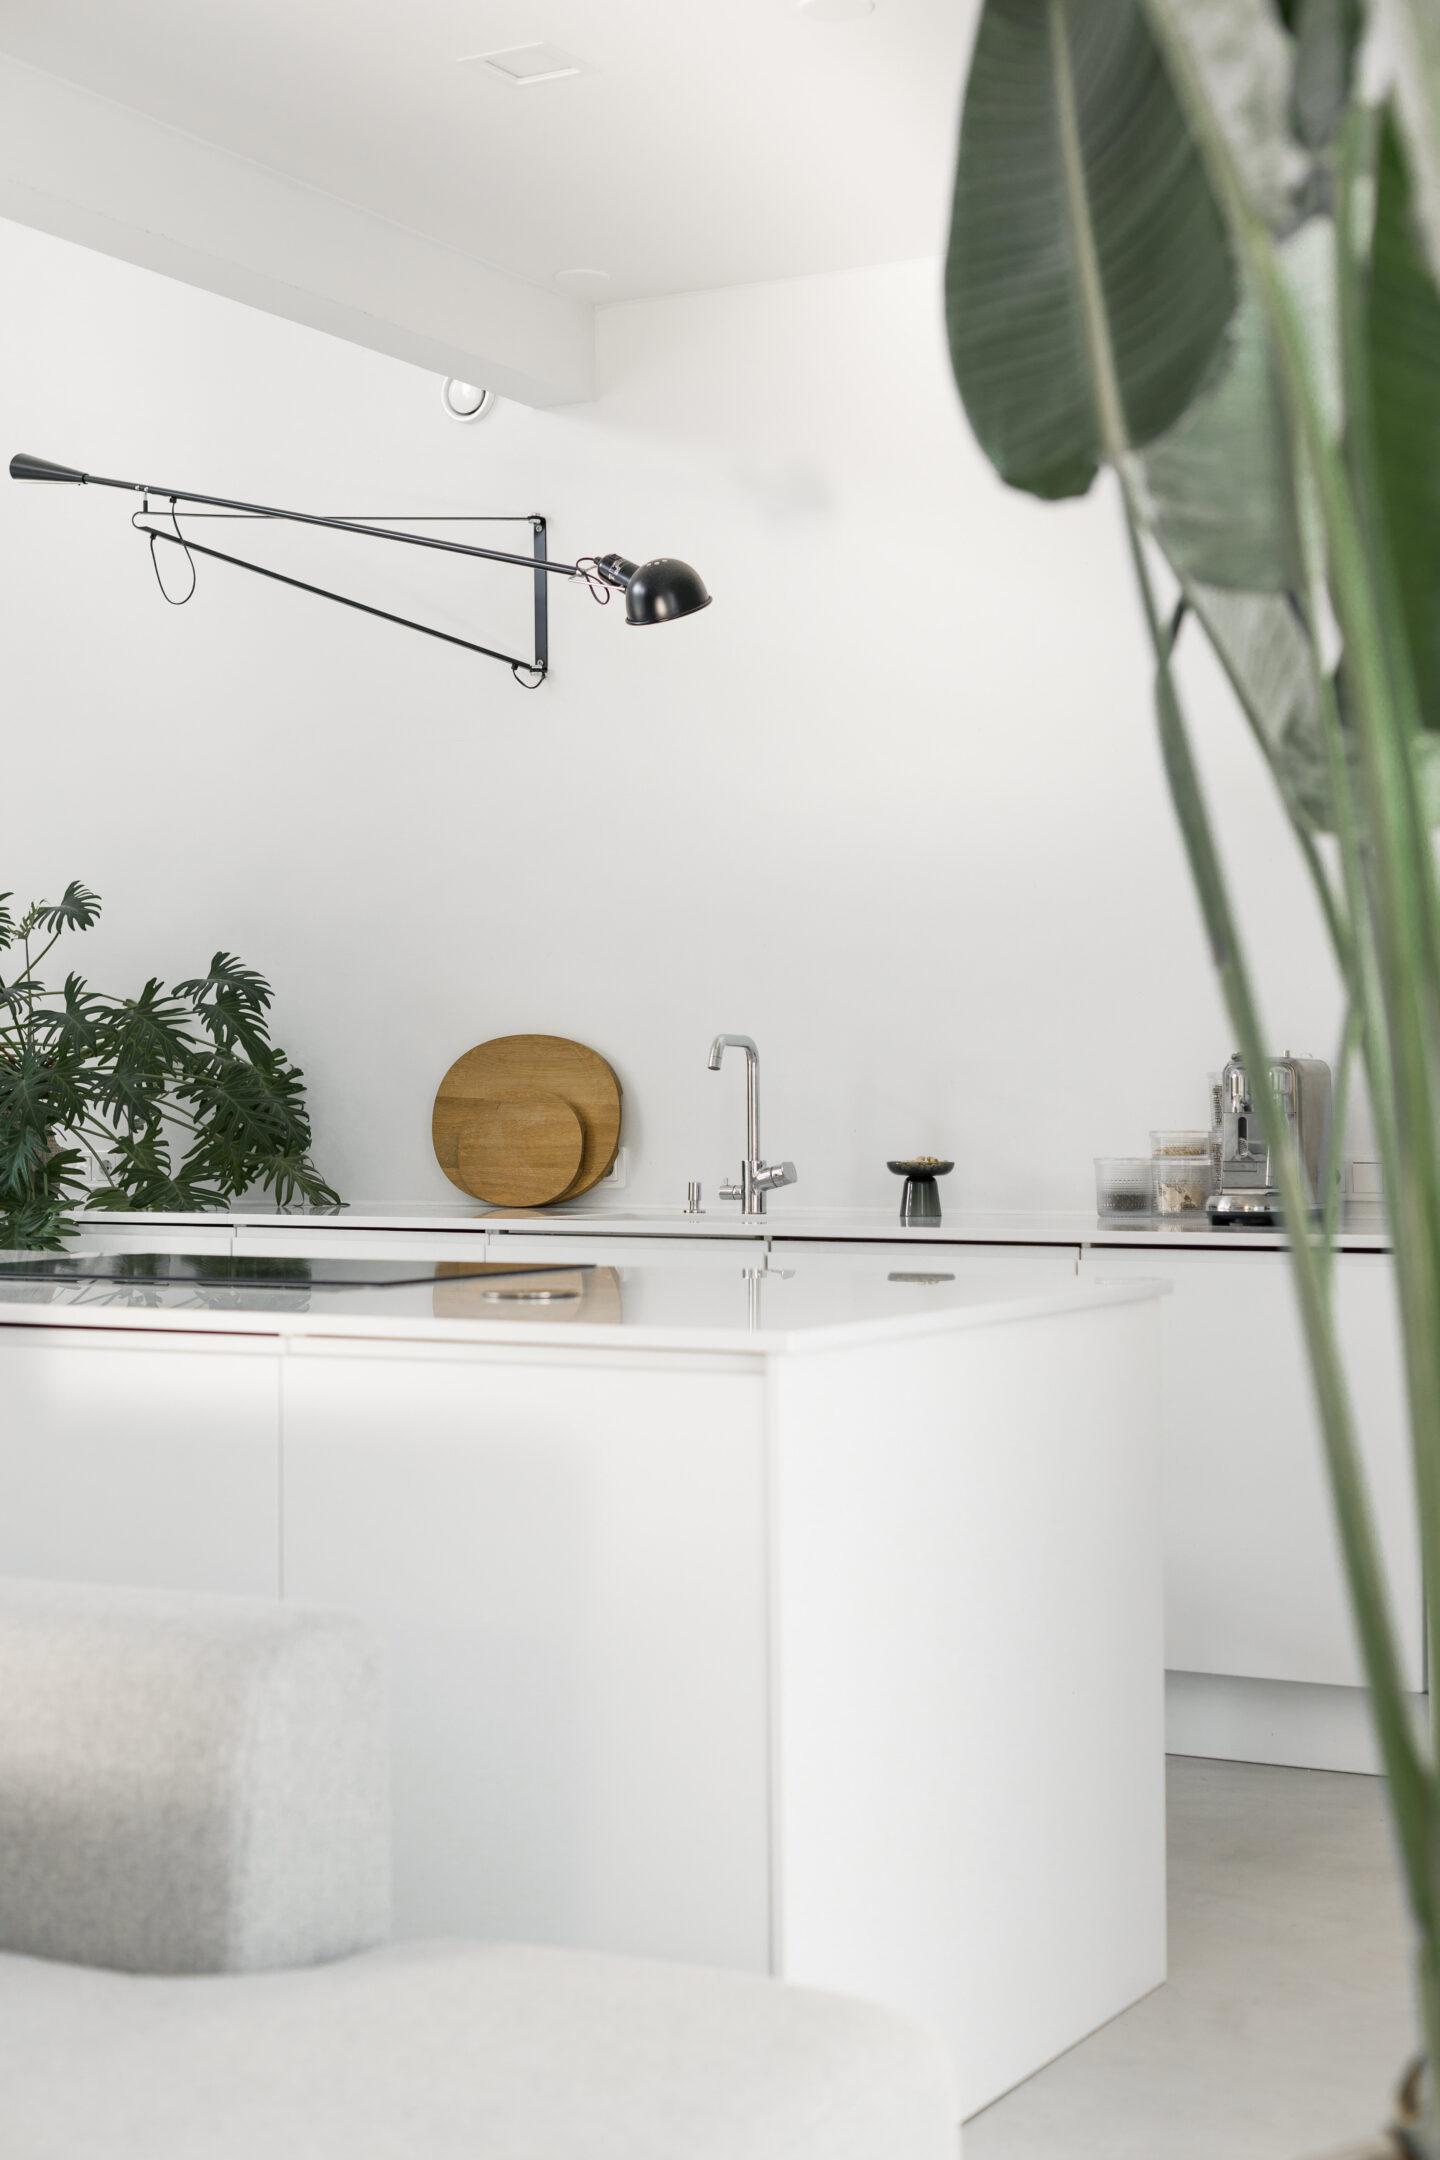 Kodin järjestäminen ja säilytysratkaisut